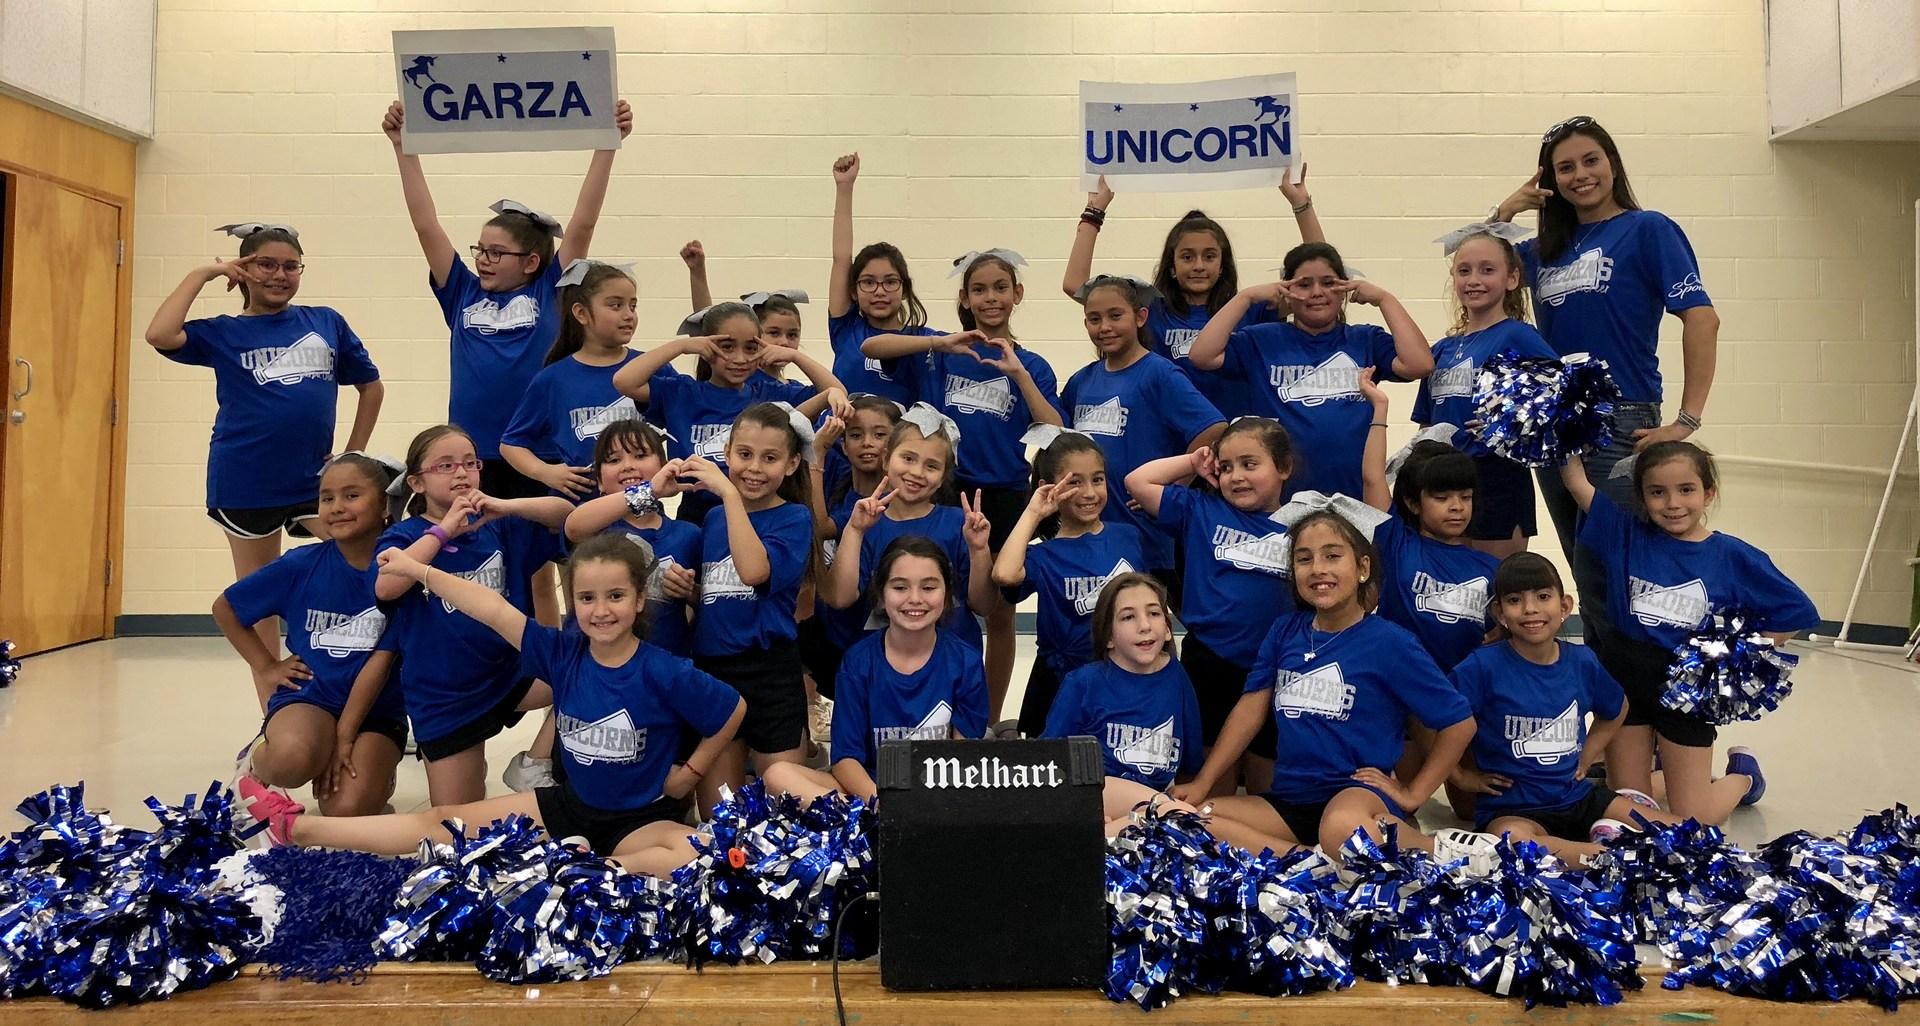 Garza Cheerleaders